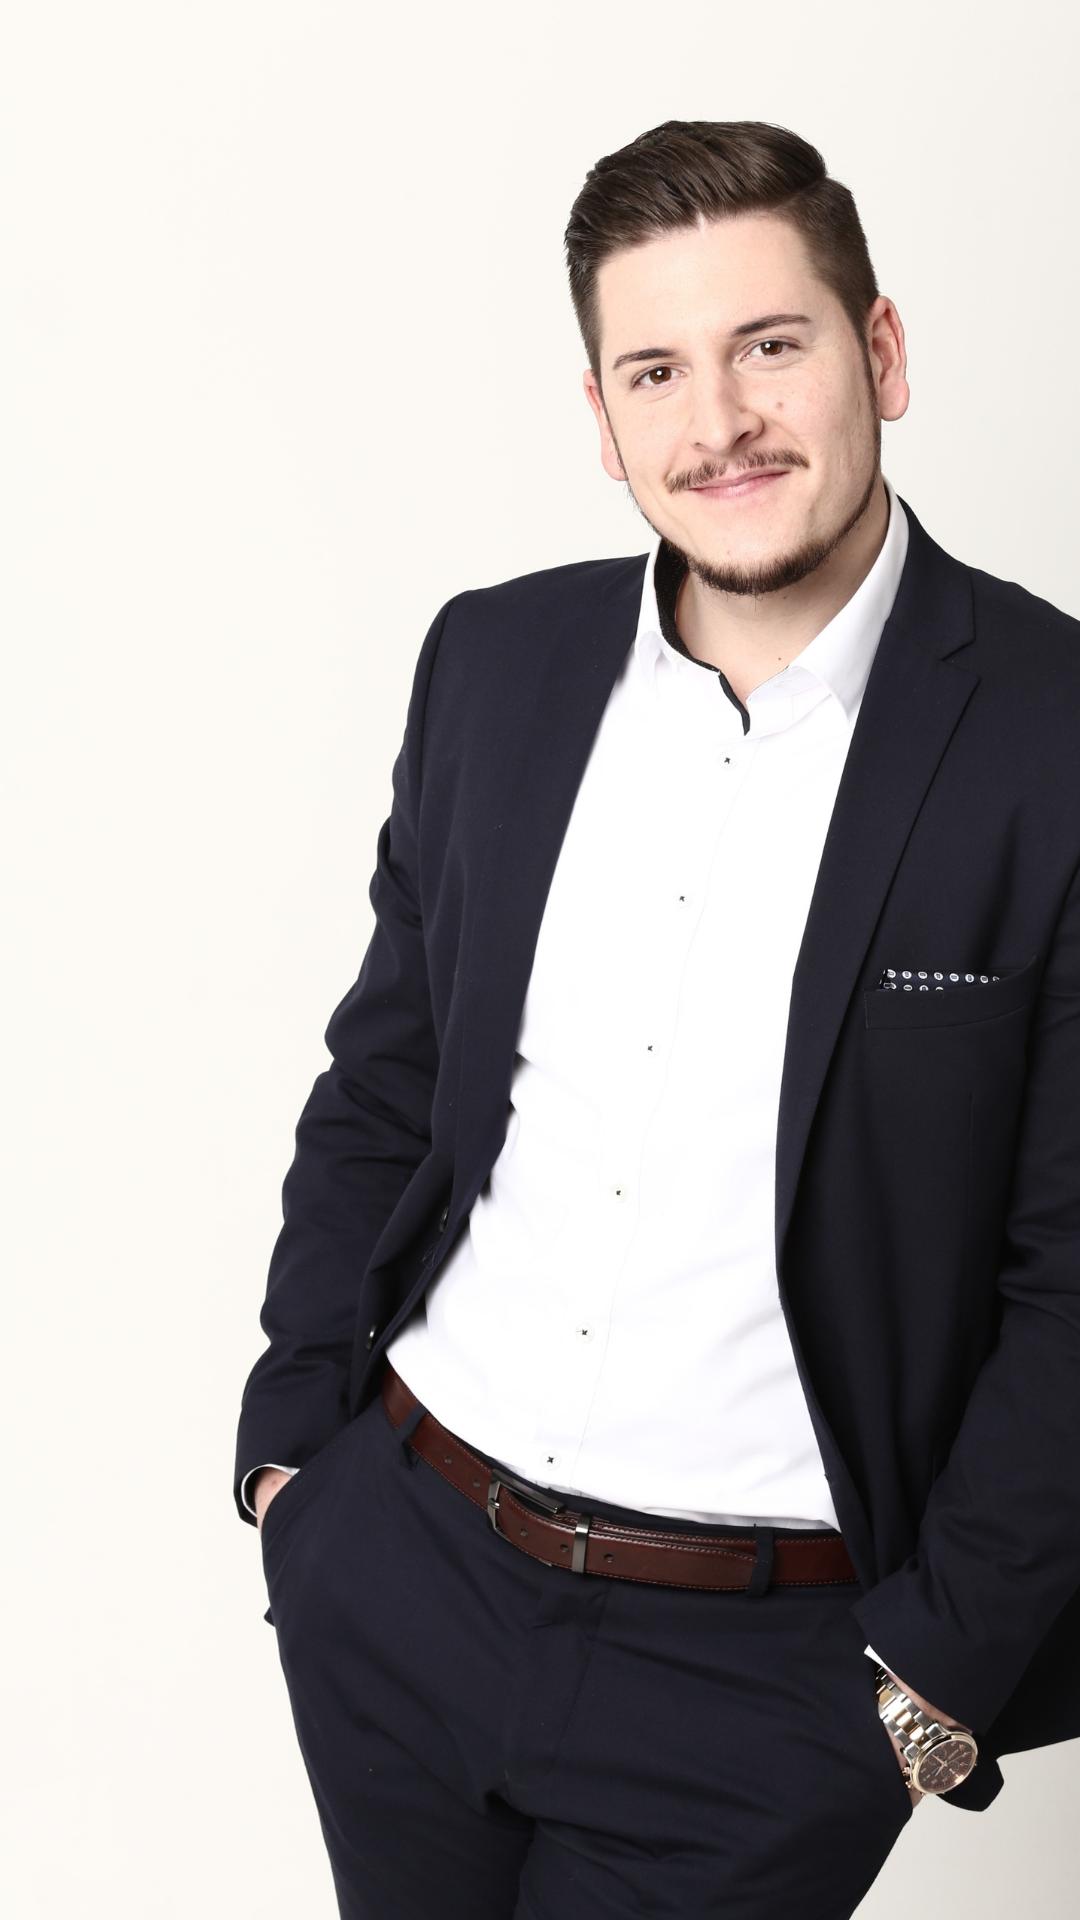 Nicolai Jancik